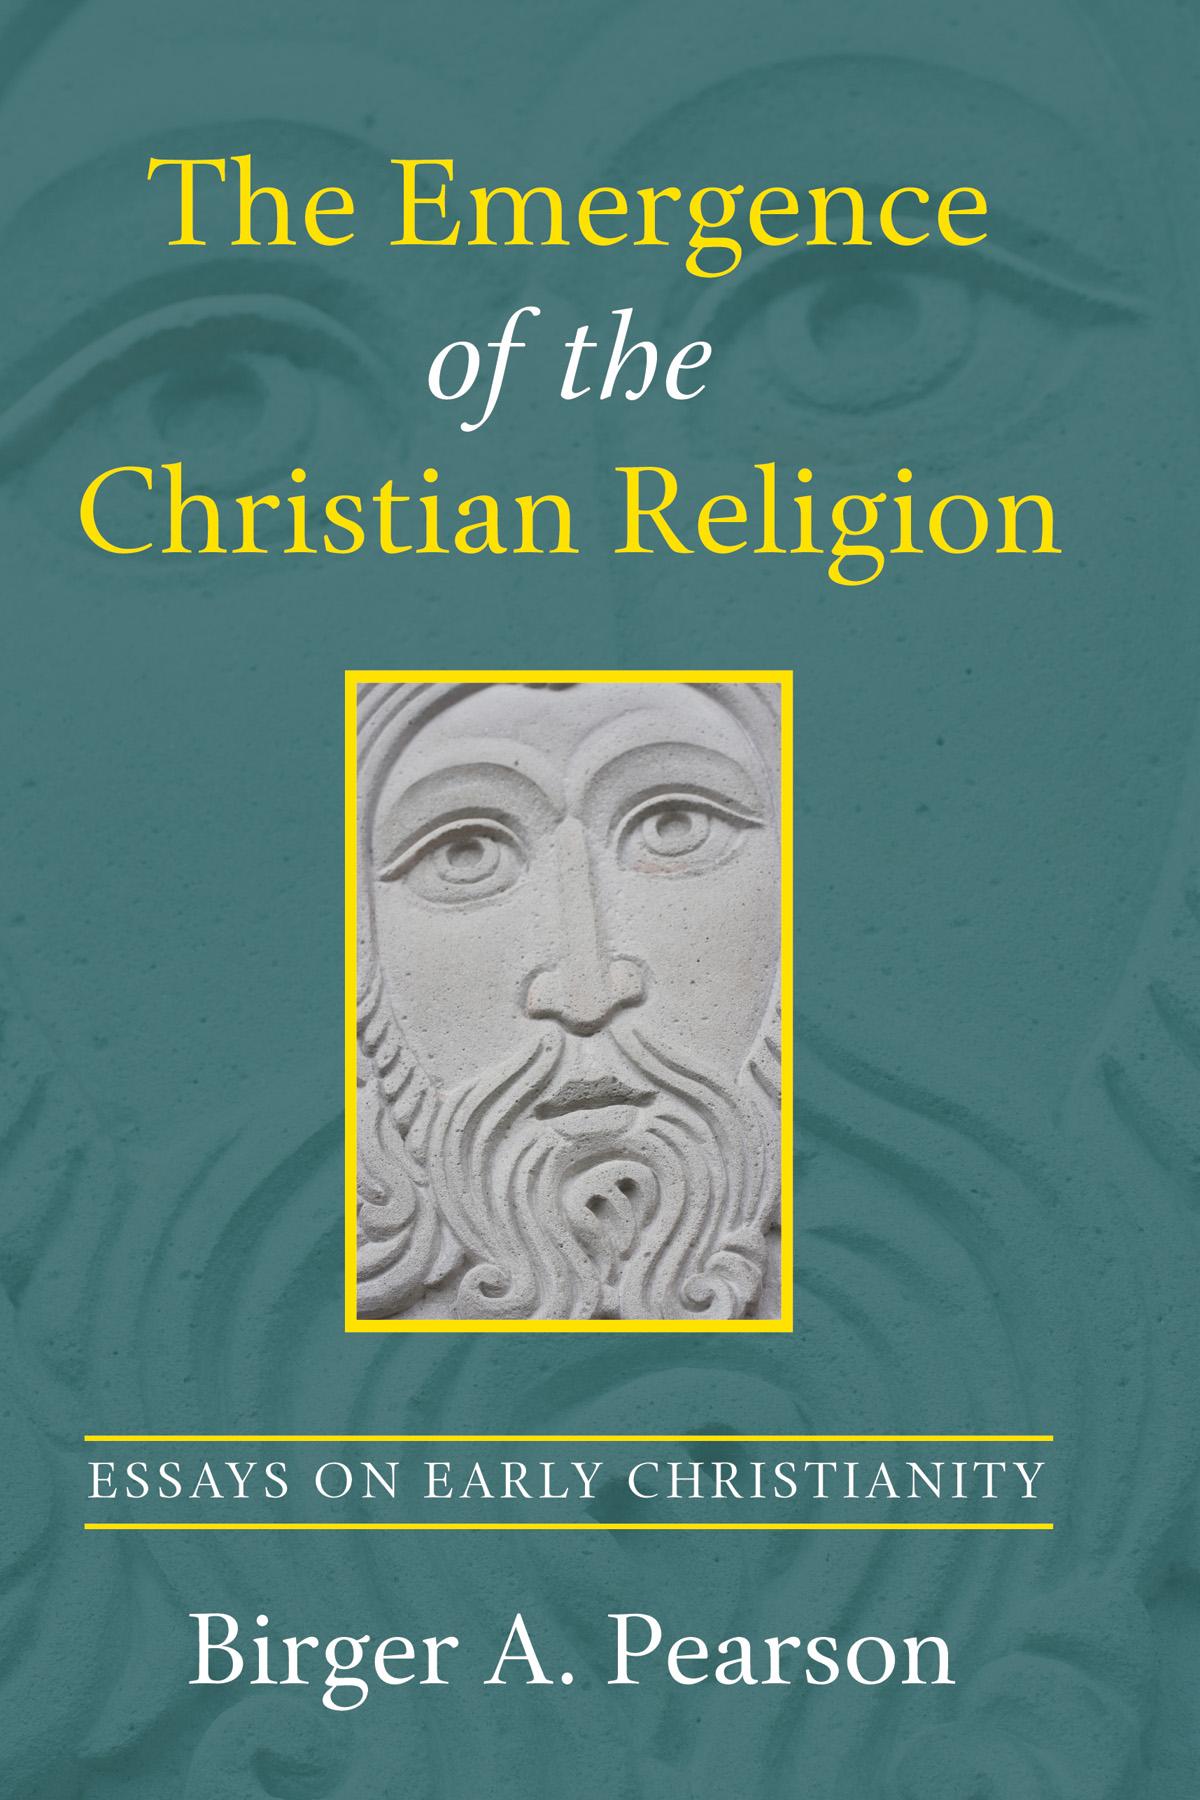 essay philosophy of religion